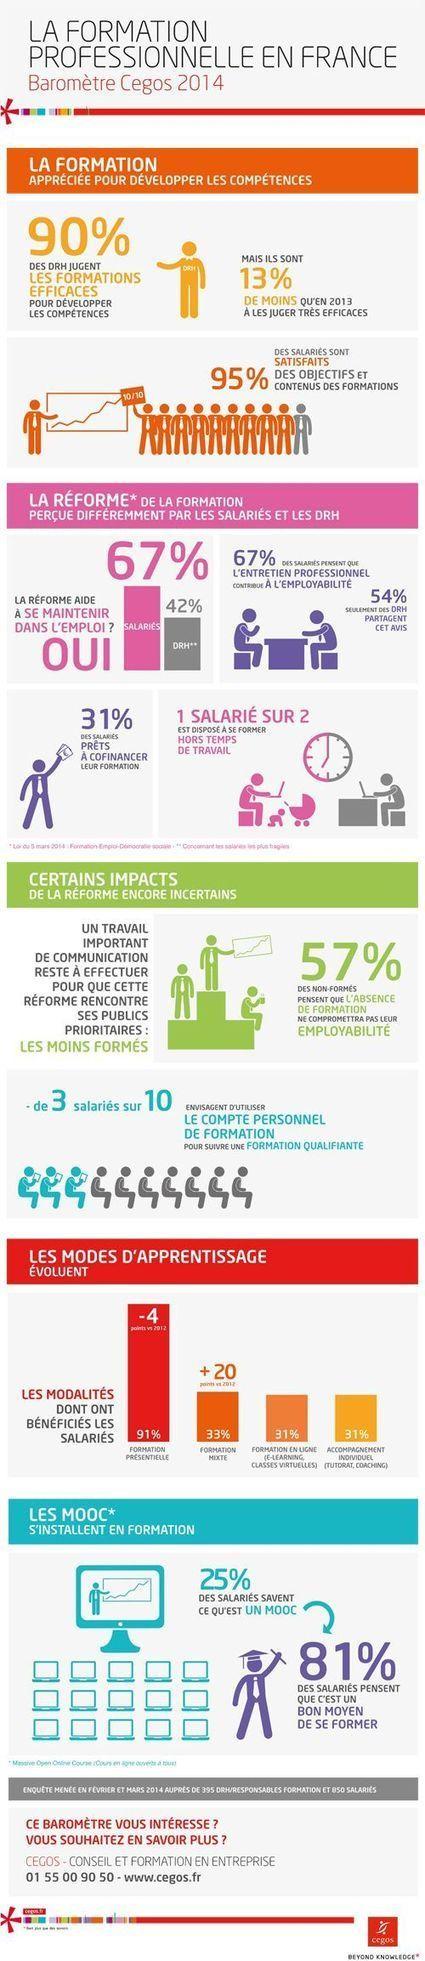 [Infographie] La formation professionnelle en France - Baromètre Cegos 2014 | Ingénierie pédagogique, formation à distance, réseaux sociaux, innovations web | Scoop.it